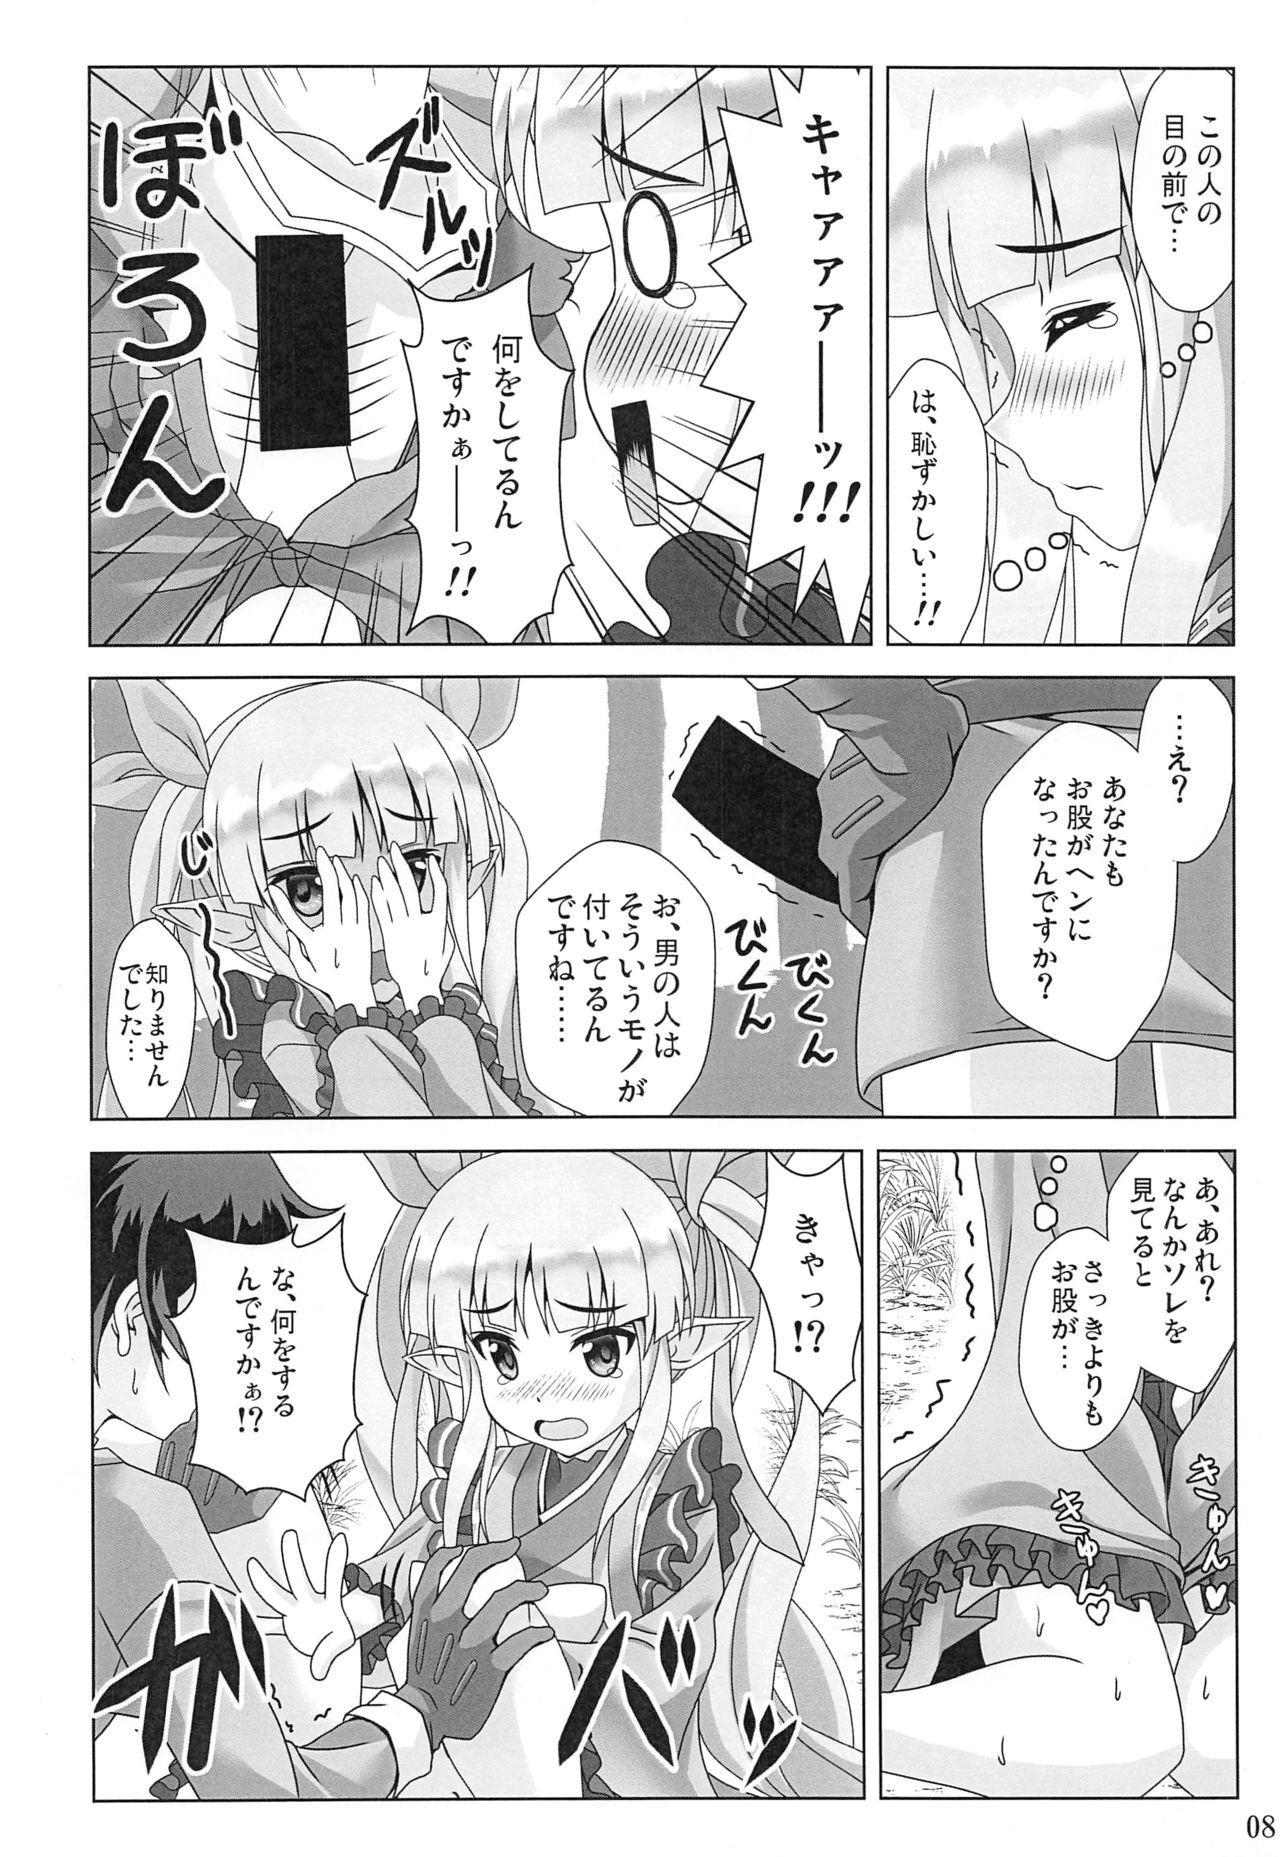 Watashi no Hentai Fushinsha-san 6